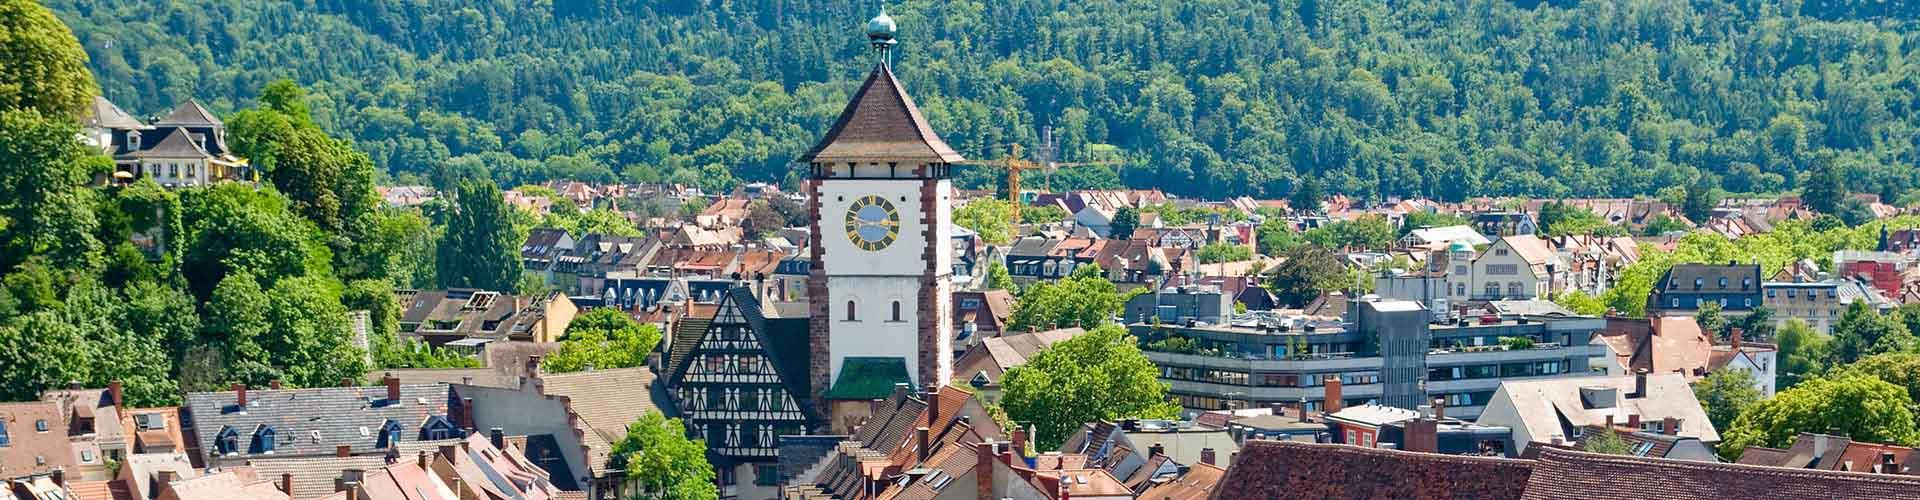 Freiburg – Camping em Freiburg. Mapas para Freiburg, Fotos e Avaliações para cada camping em Freiburg.